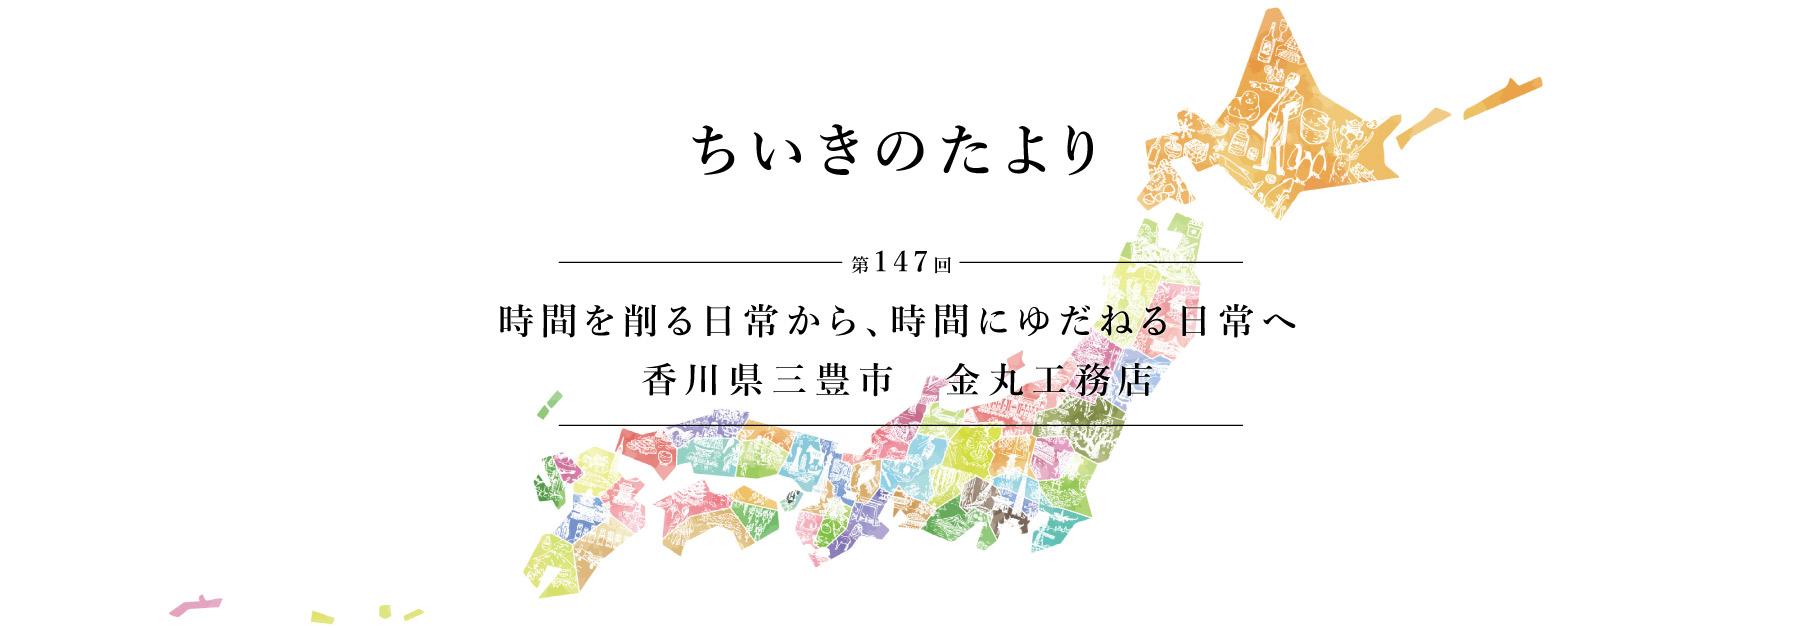 ちいきのたより第147回 時間を削る日常から、時間にゆだねる日常へ 香川県三豊市 金丸工務店